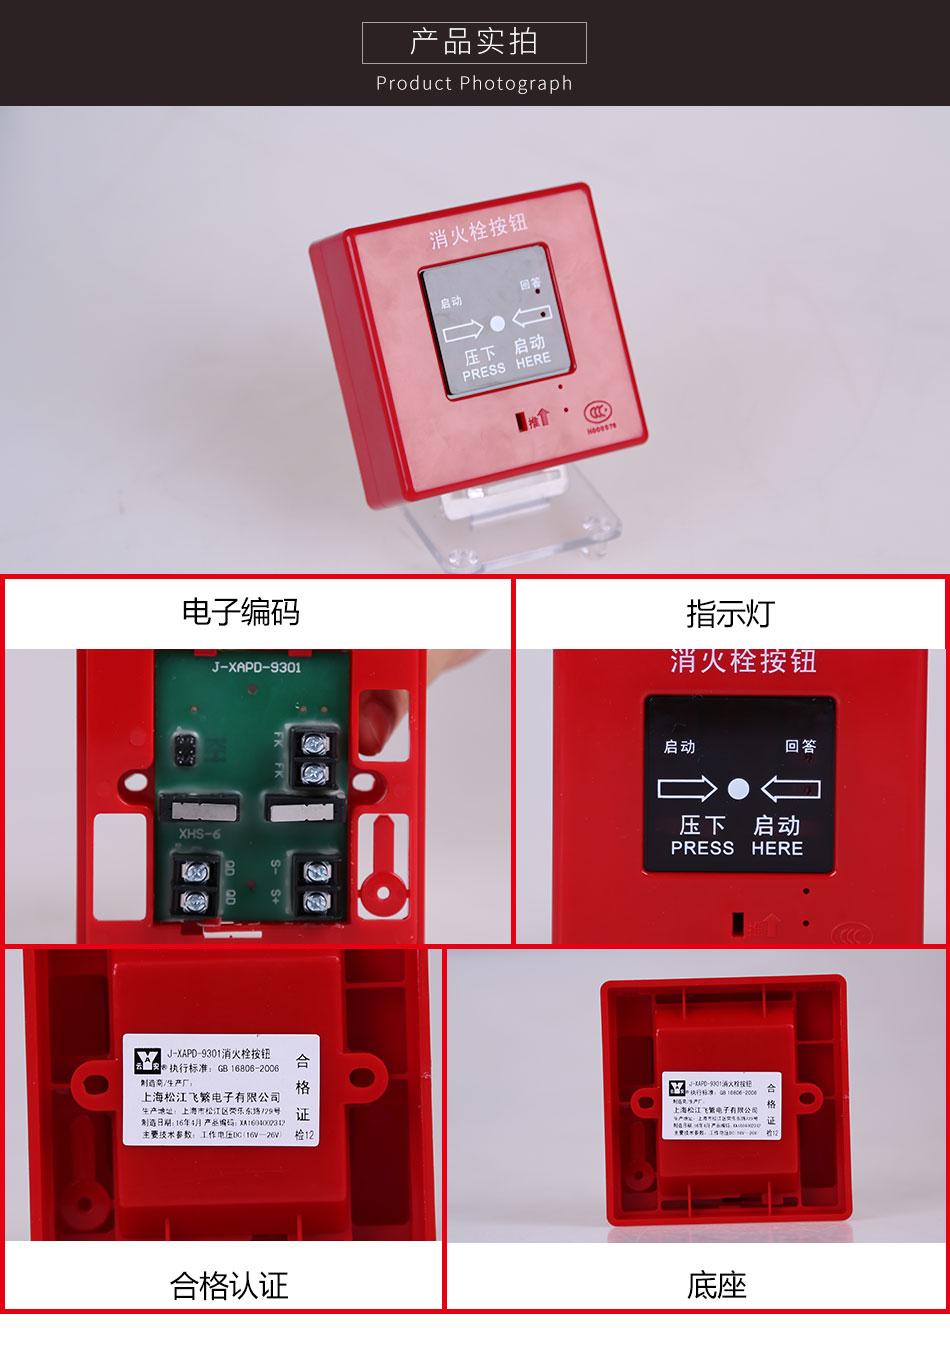 J-XAPD-9301消火栓按钮产品实拍